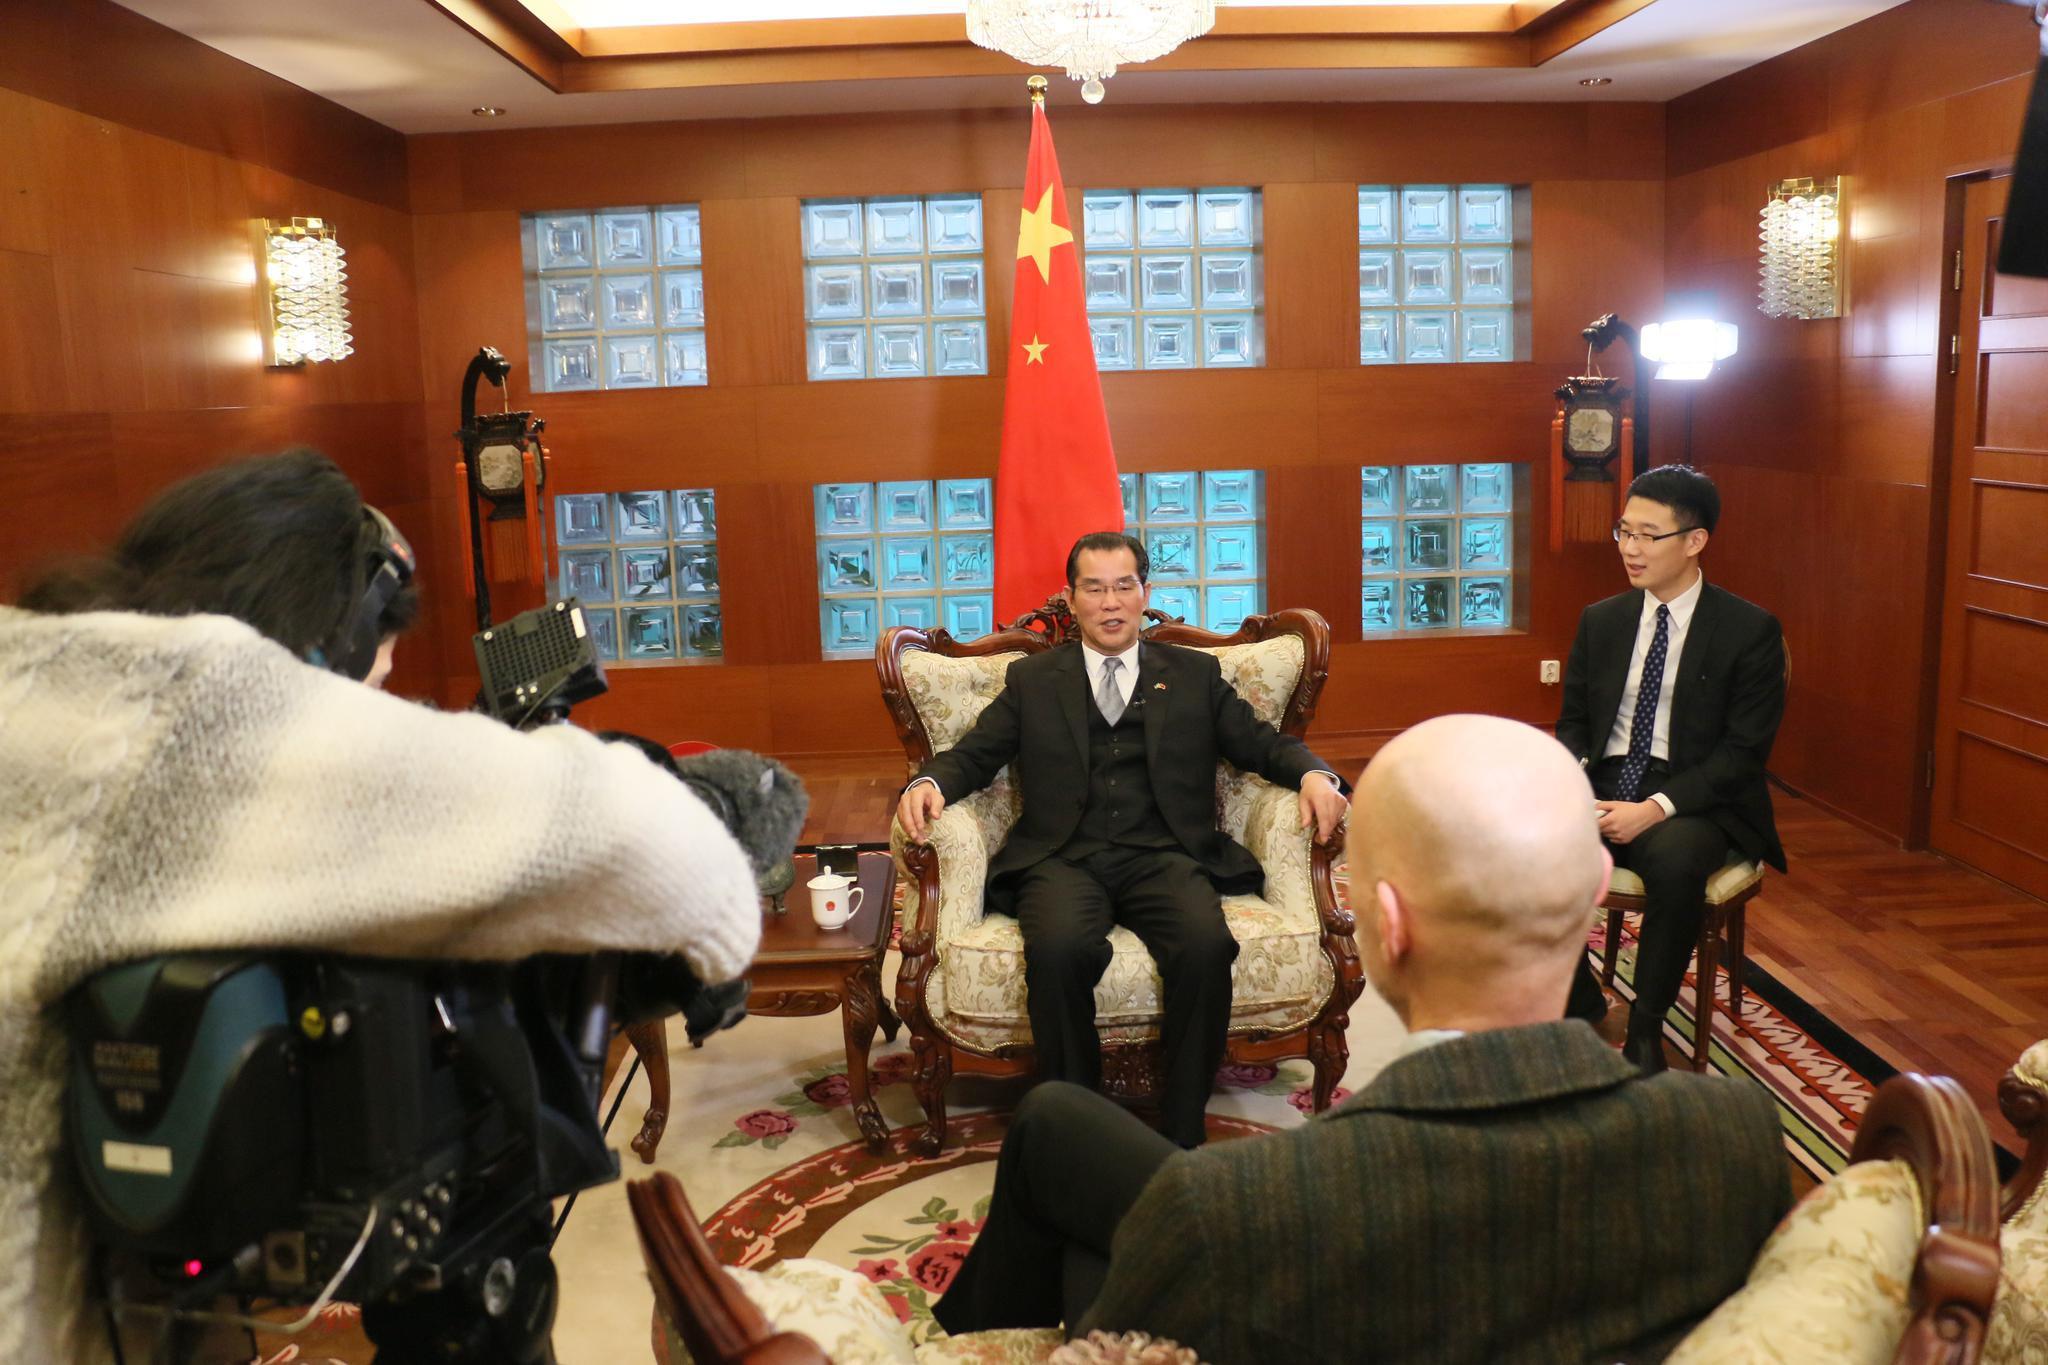 中國大使批評瑞典媒體涉華不實報道,竟被瑞典政府召見